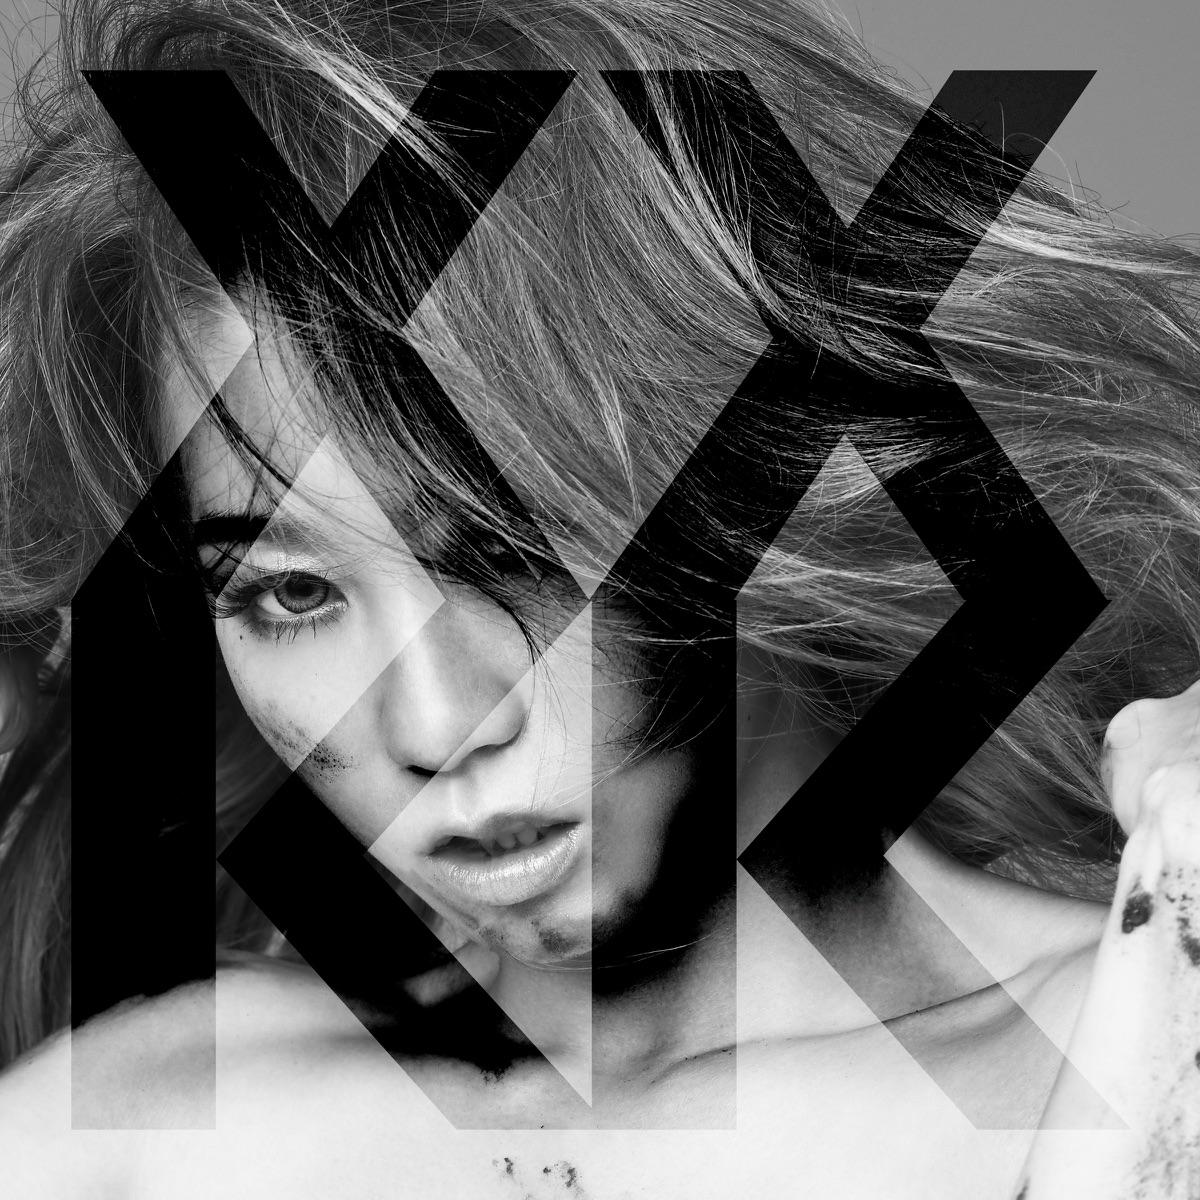 『倖田來未 - XXKK』収録の『XXKK』ジャケット